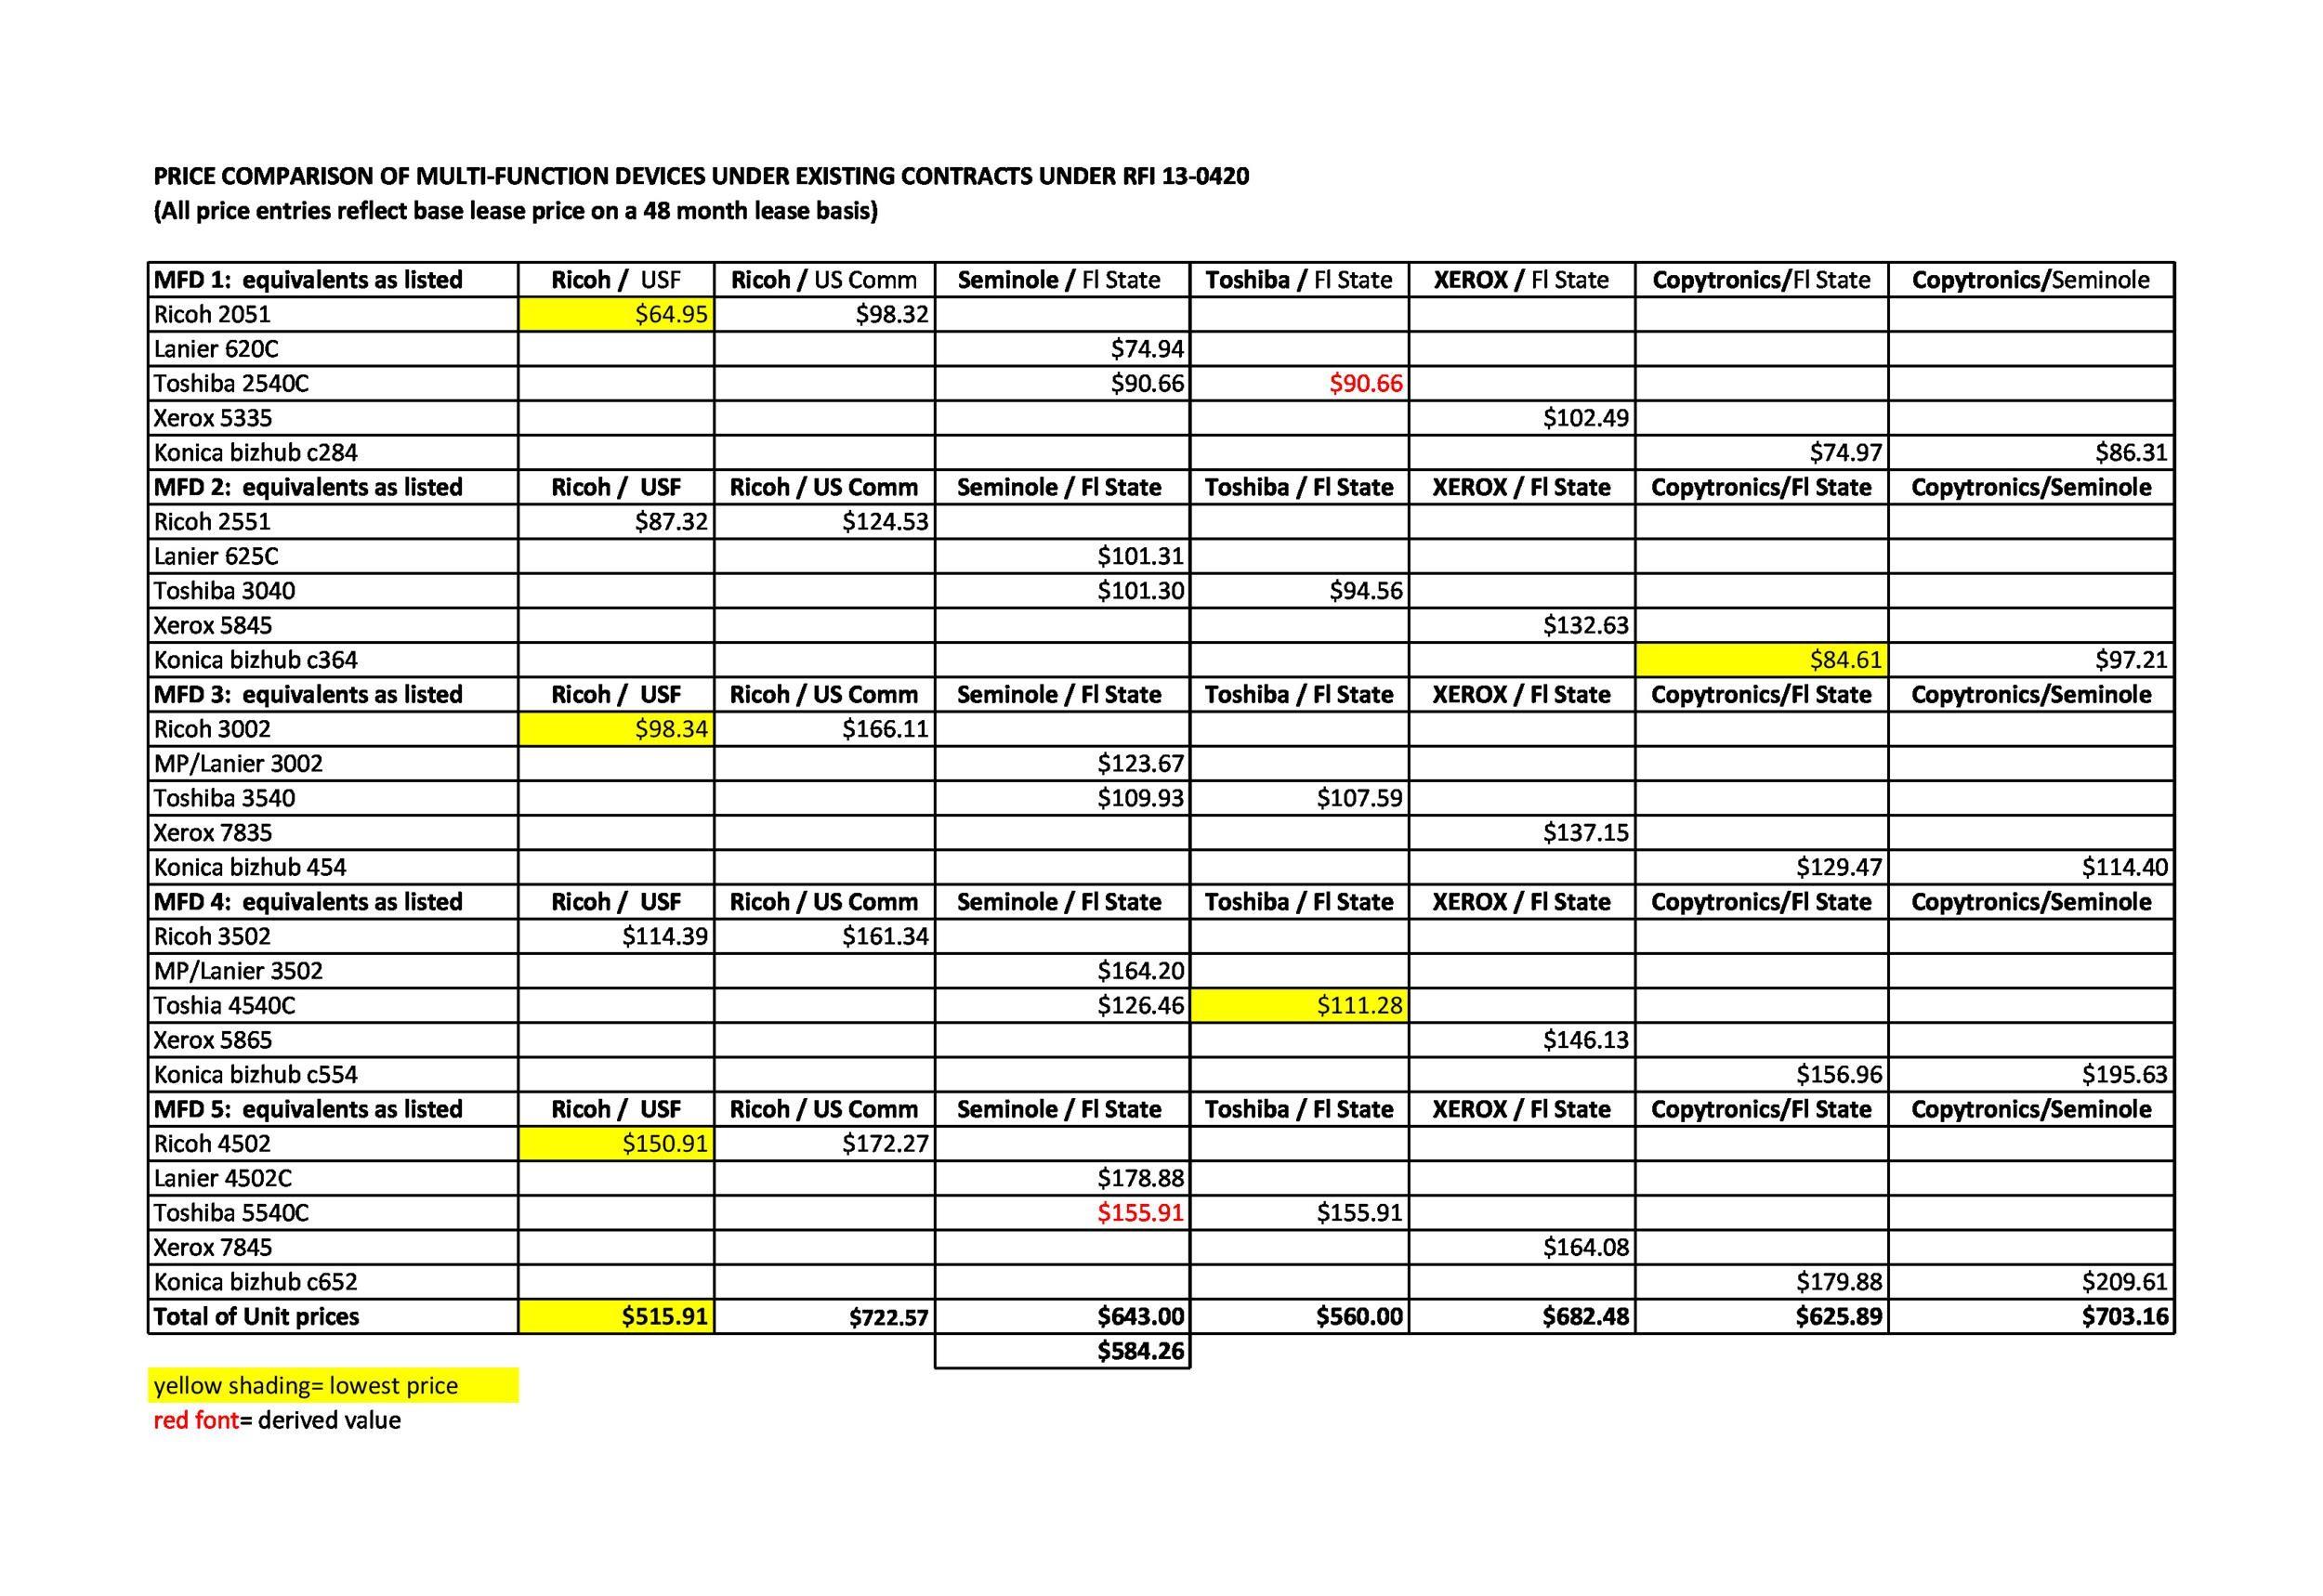 Free price comparison template 17